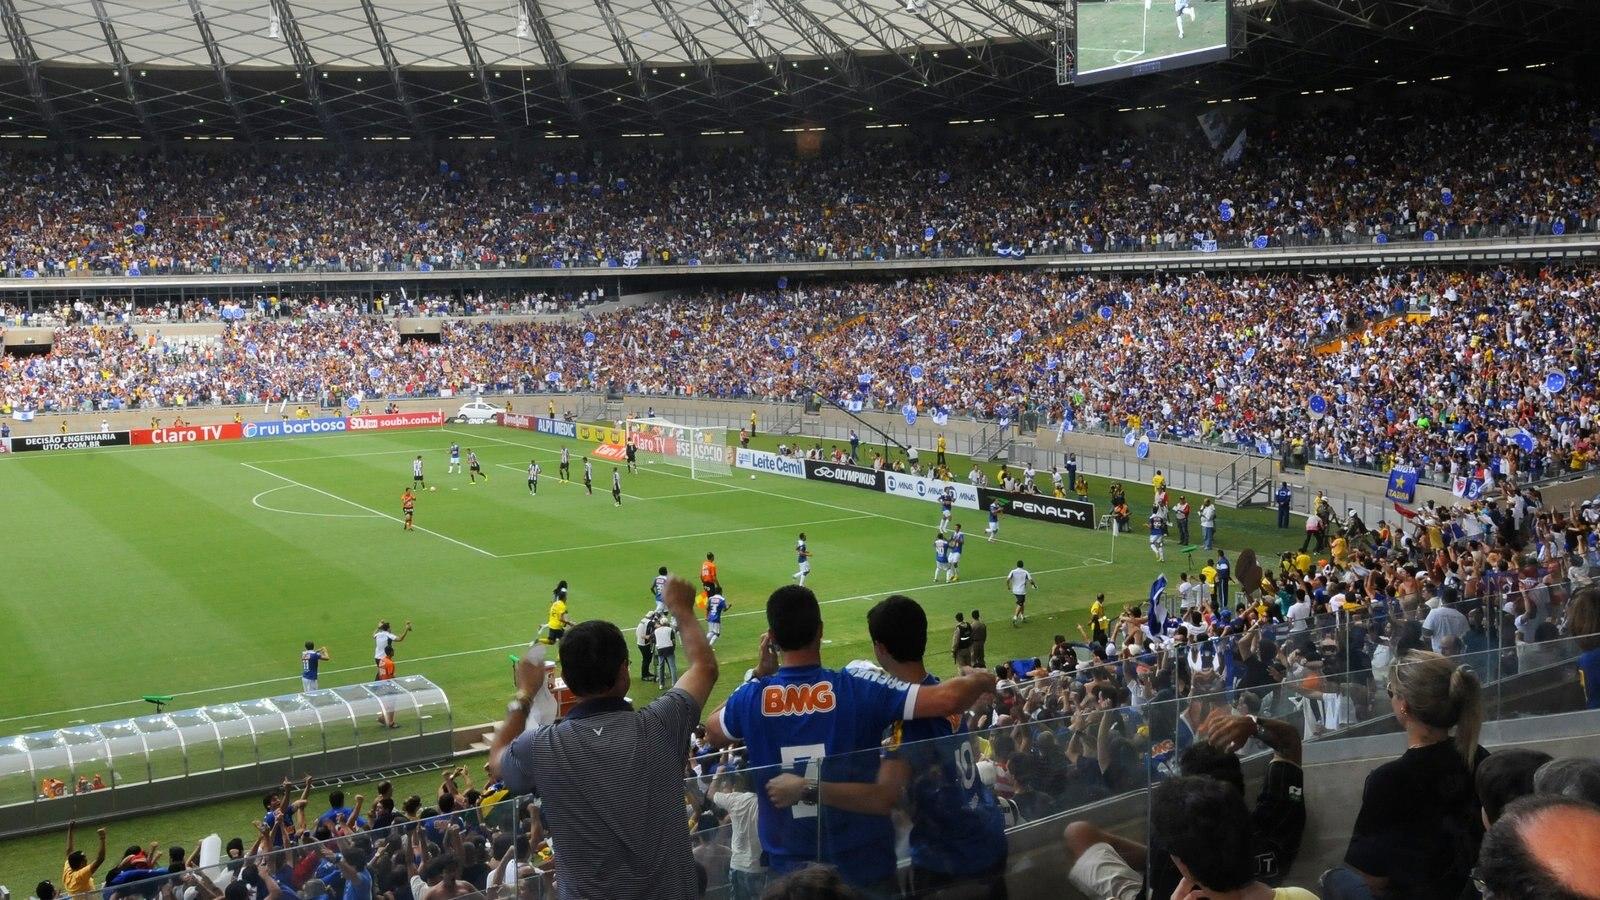 Belo Horizonte mostrando um evento desportivo e vistas internas assim como um grande grupo de pessoas